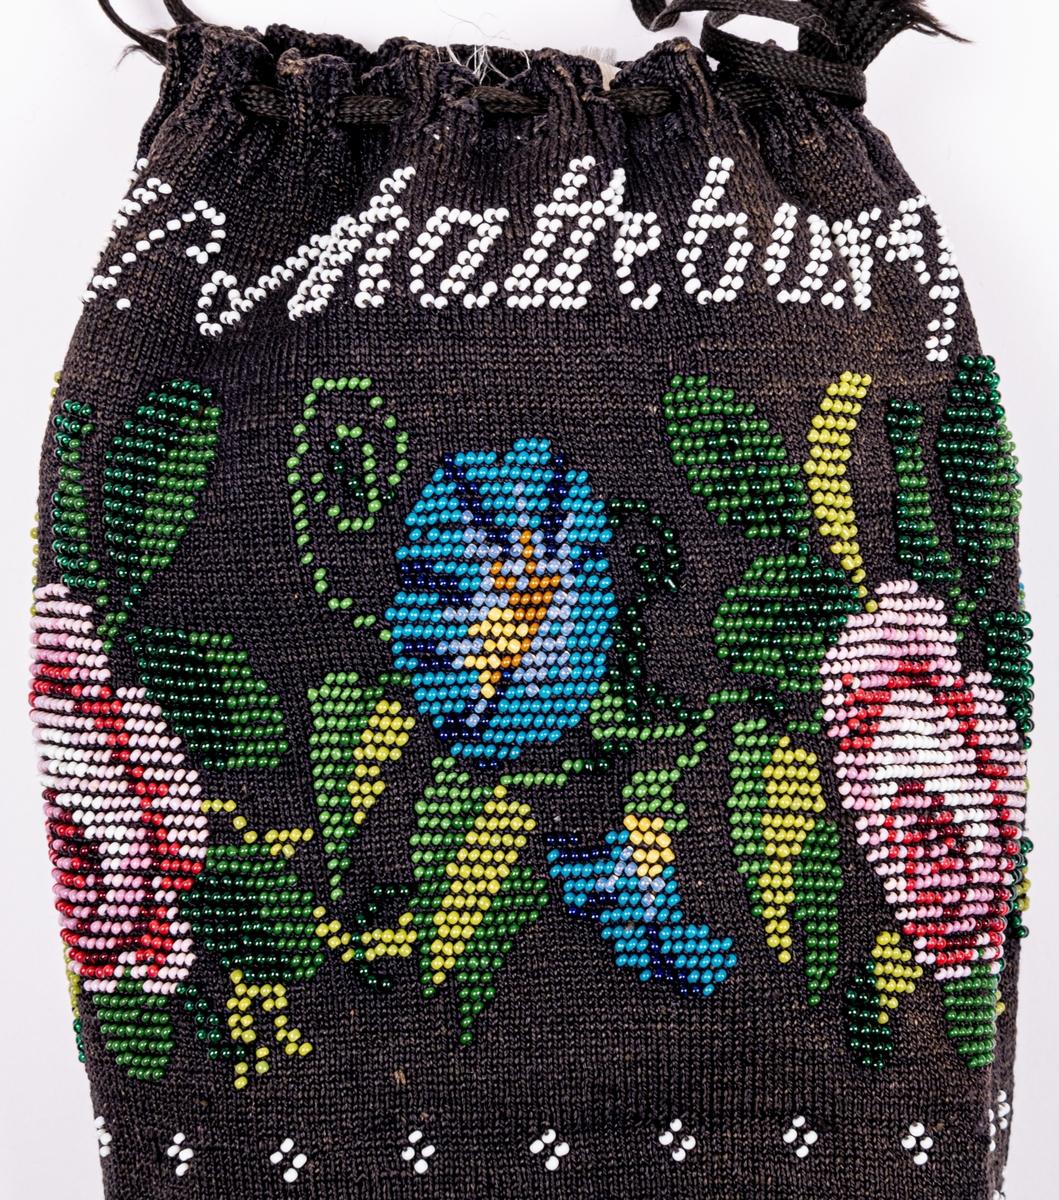 Väska i påsform, svart garn, pärlstickad med små glaspärlor i blommönster, vit pärlbård, märkt med vita pärlor: H. W. Schatteburg, 1831.